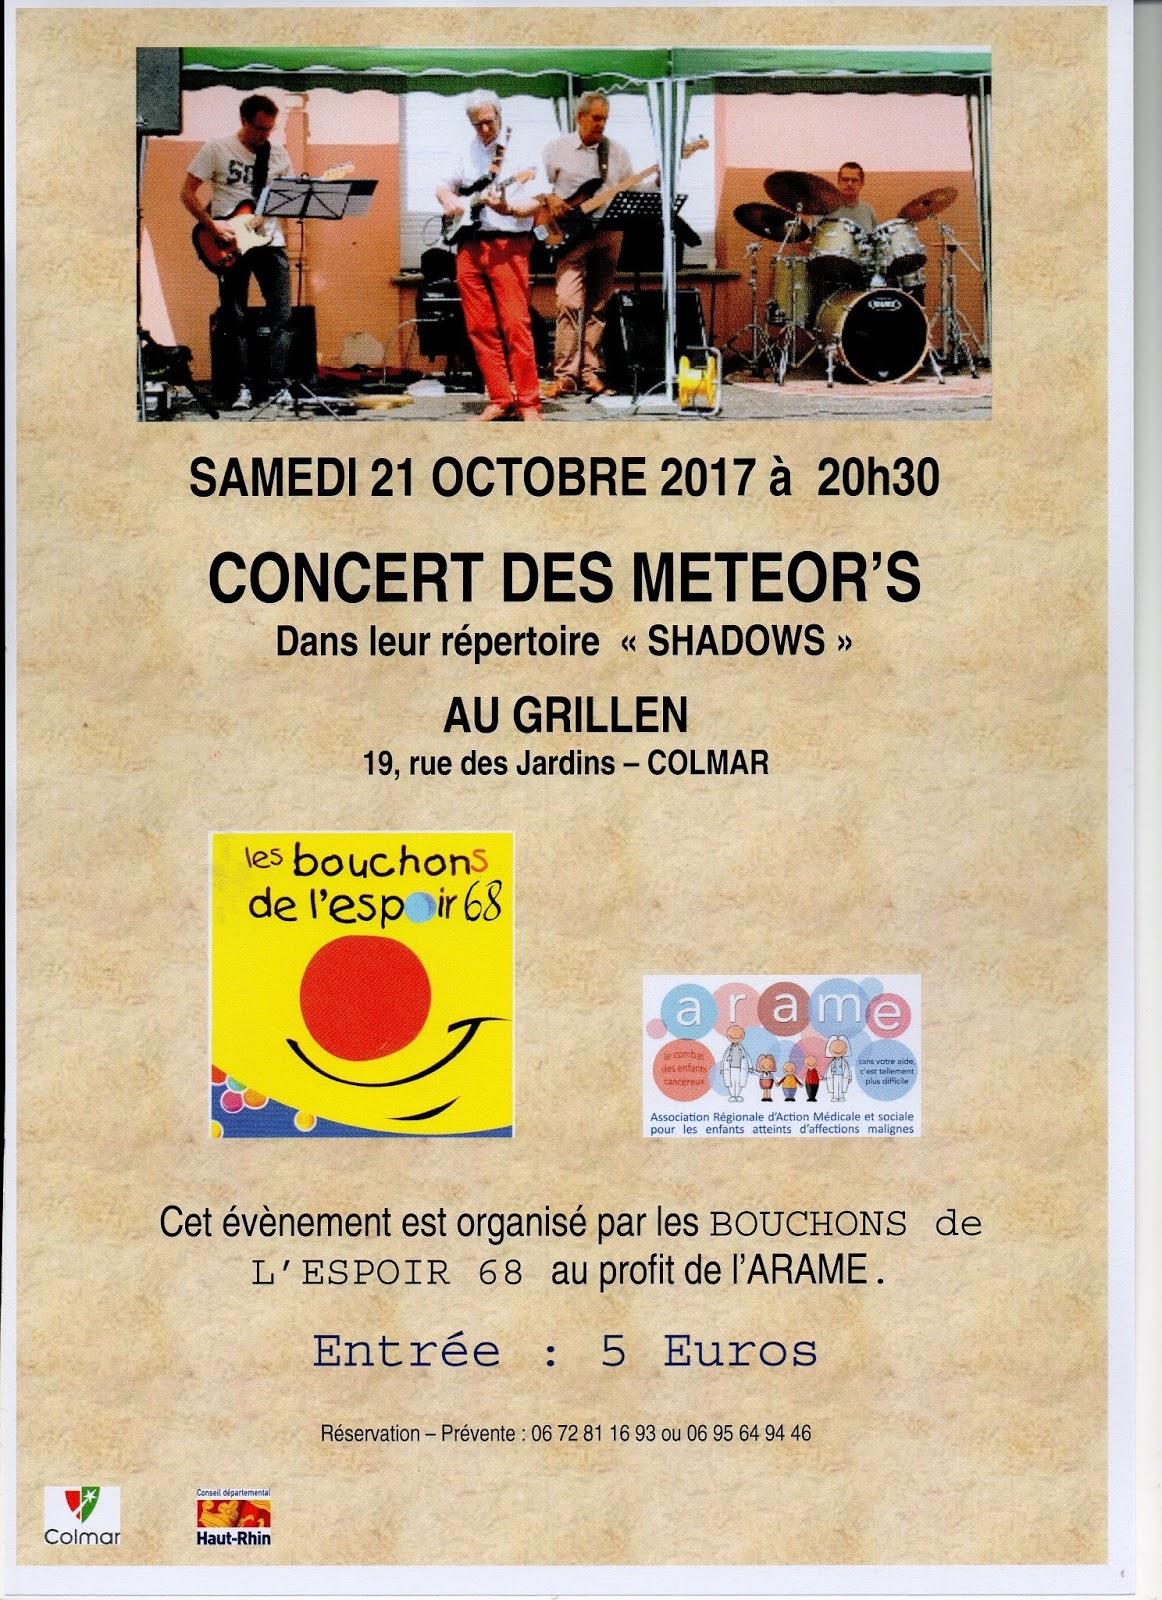 Affiche de concert des METEOR'S